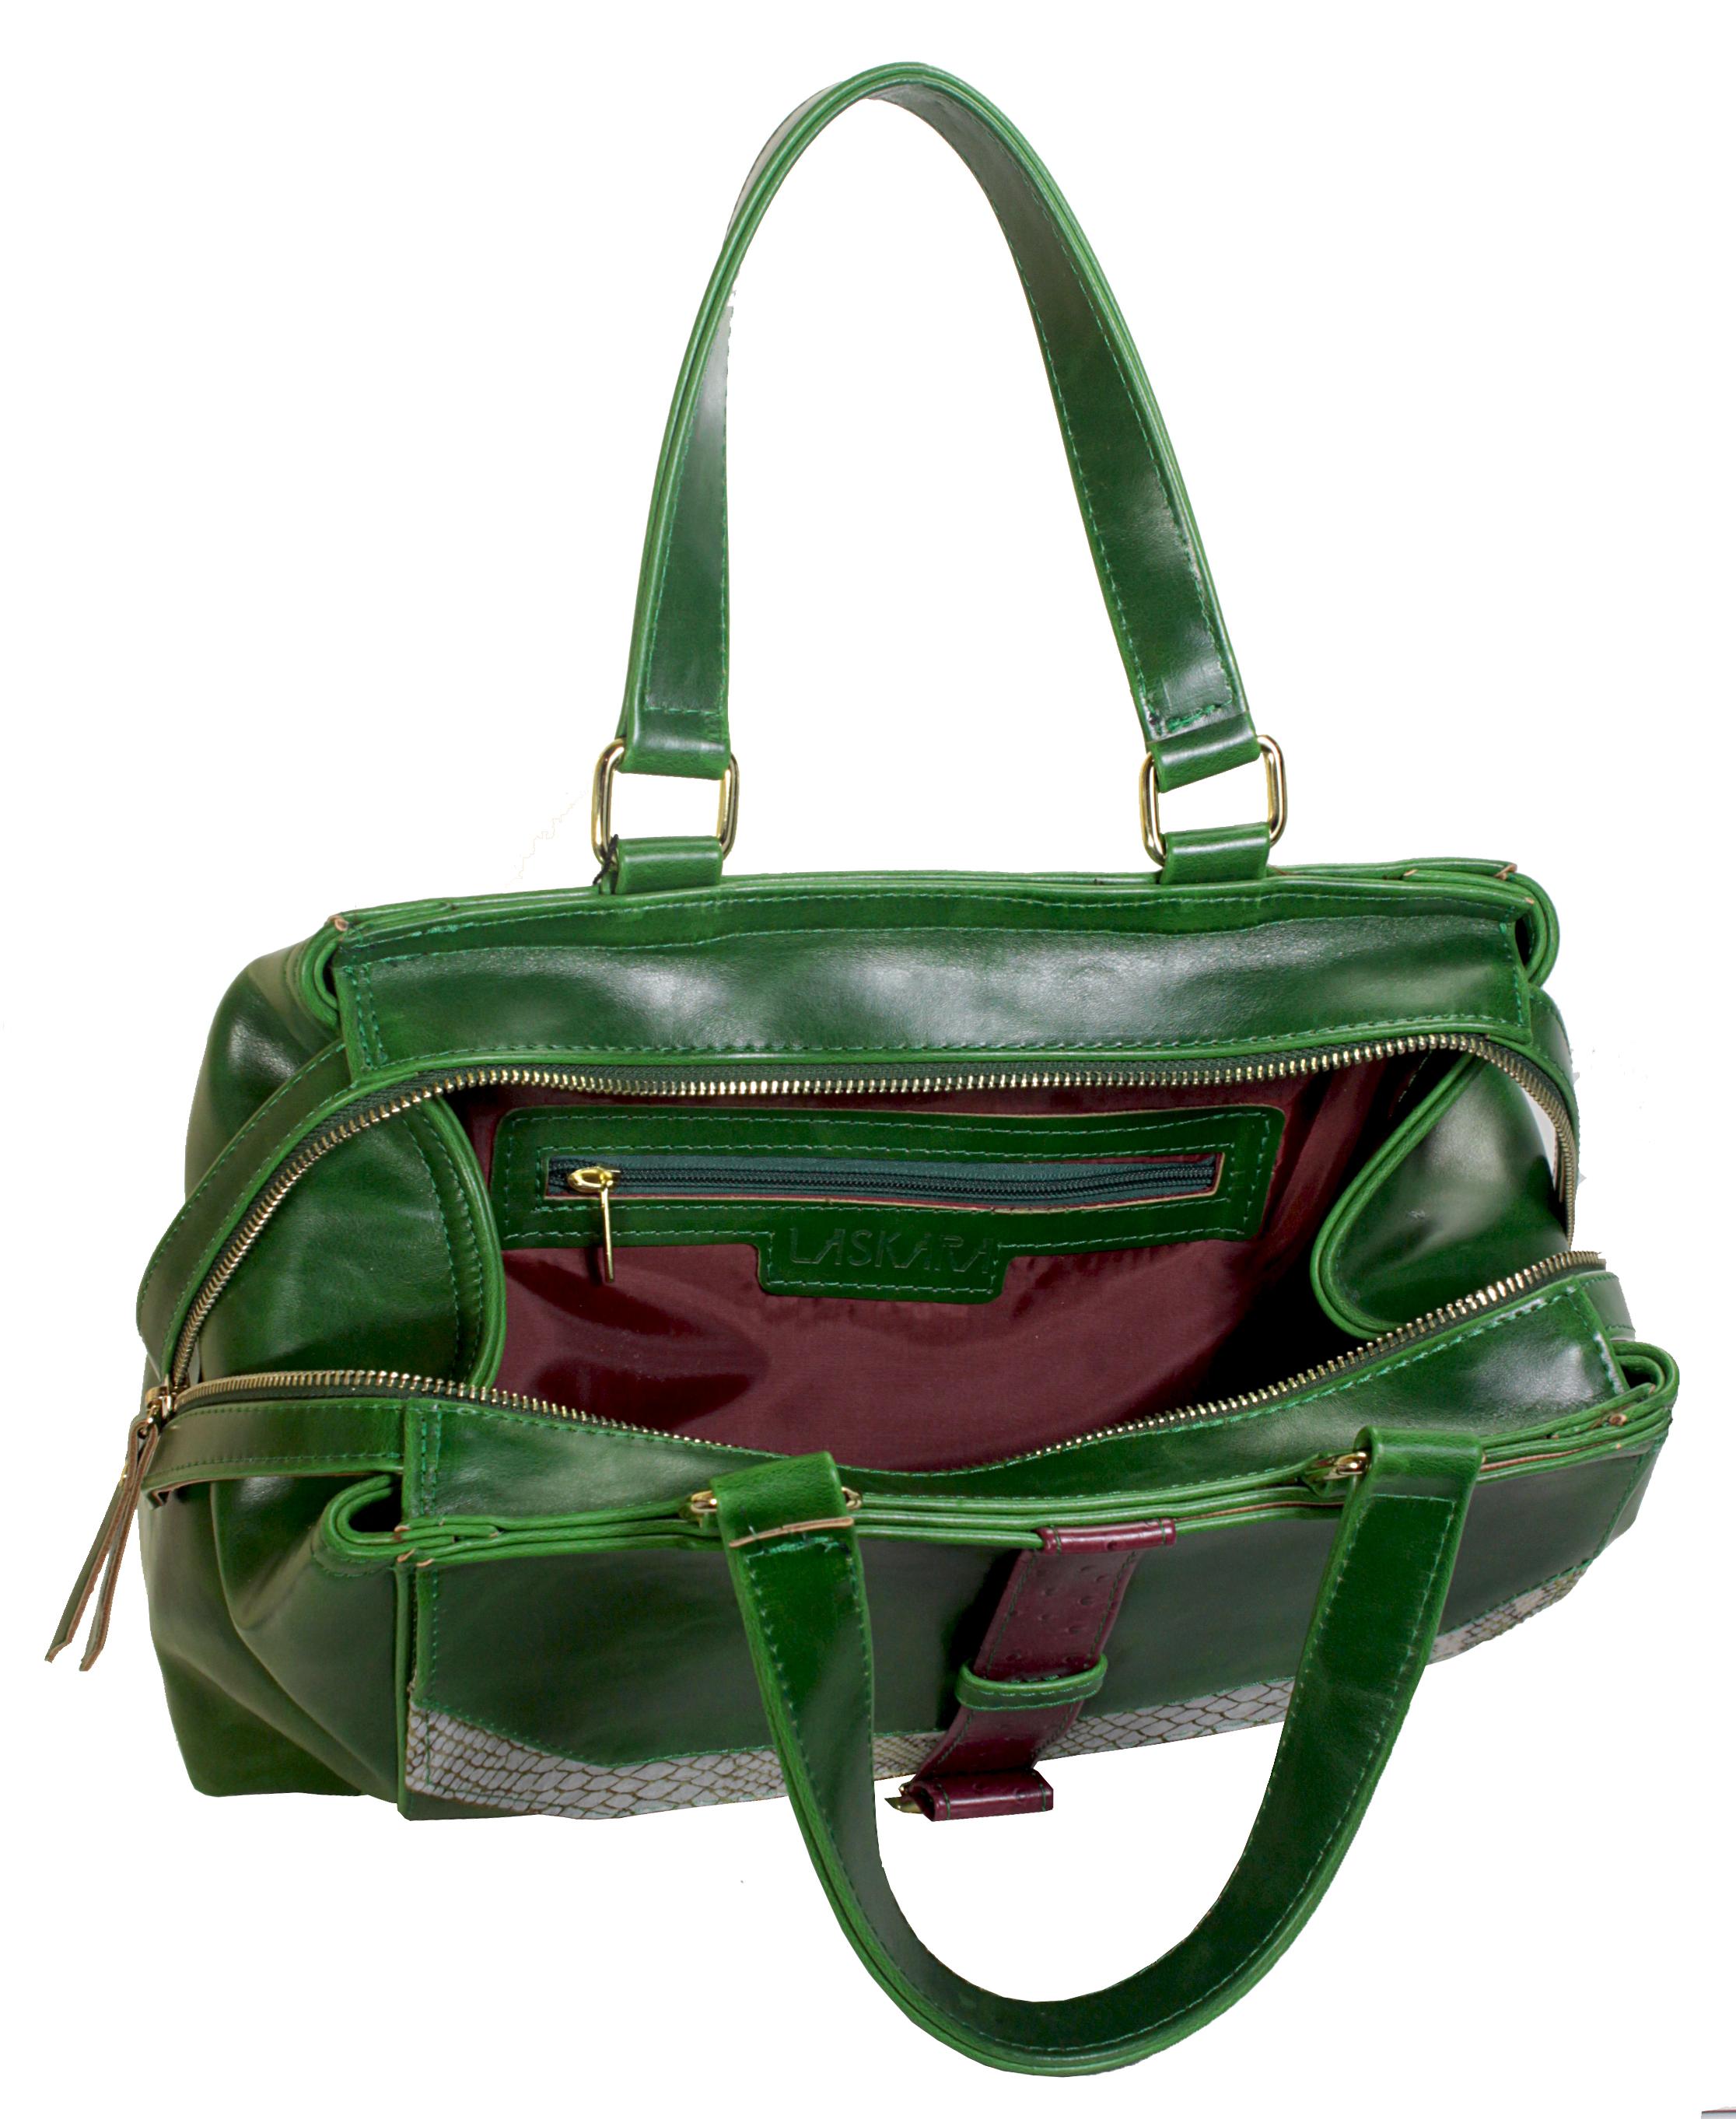 Atypická zelená kabelka 11-20287-green - vnitřní rozložení